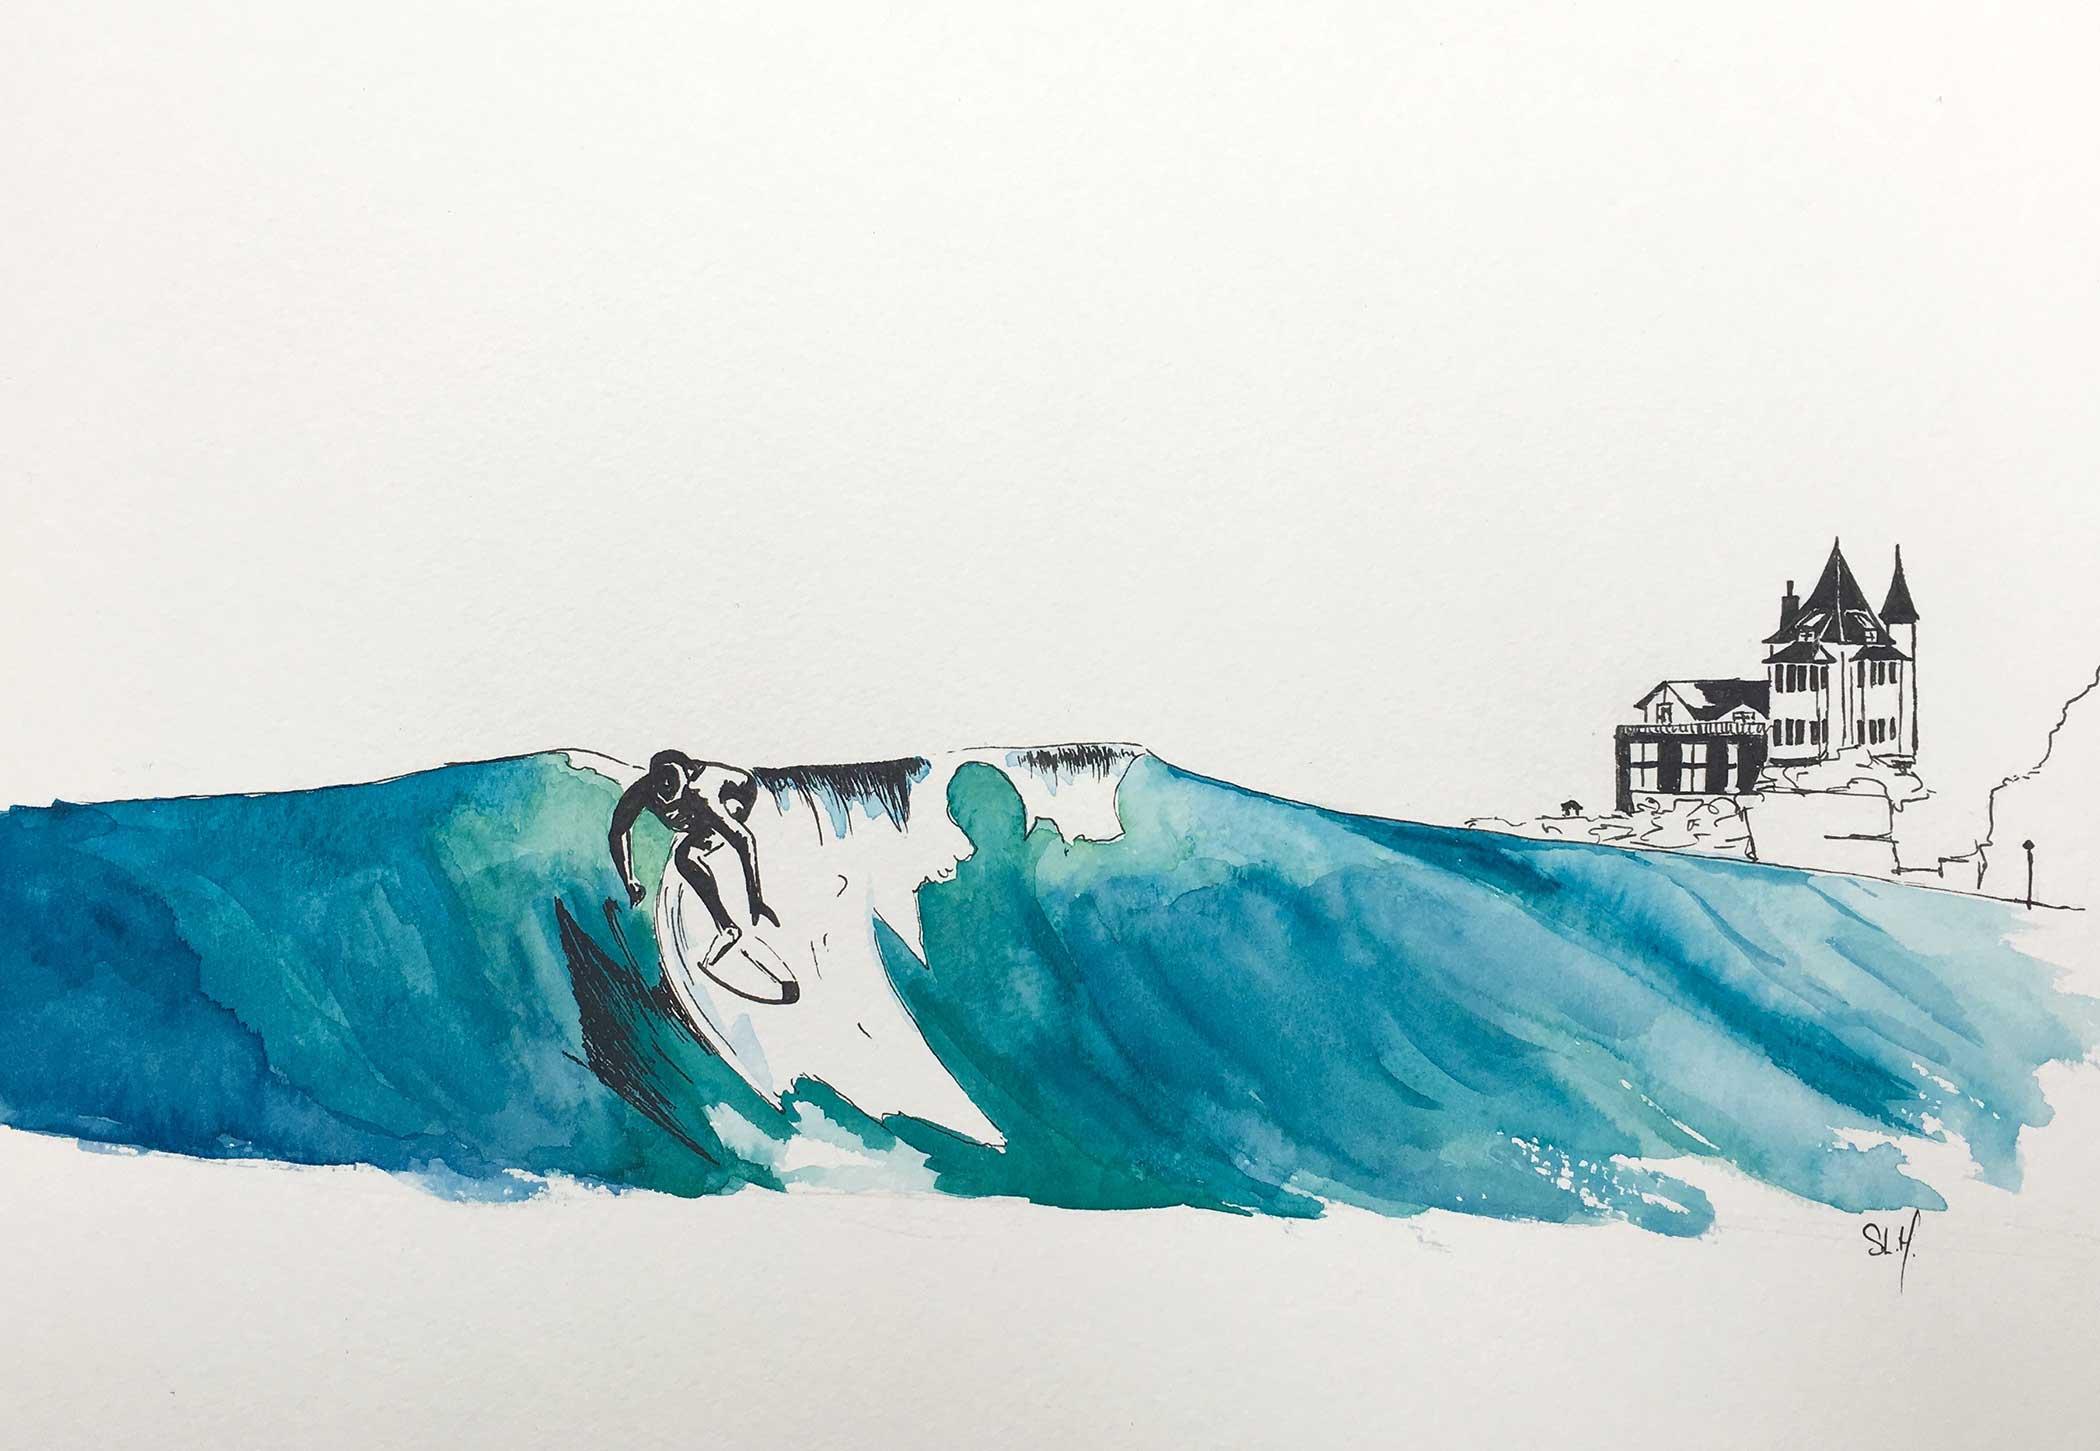 Surfing Belza Encre et Aquarelle sur papier 24cm x 32cm 2018